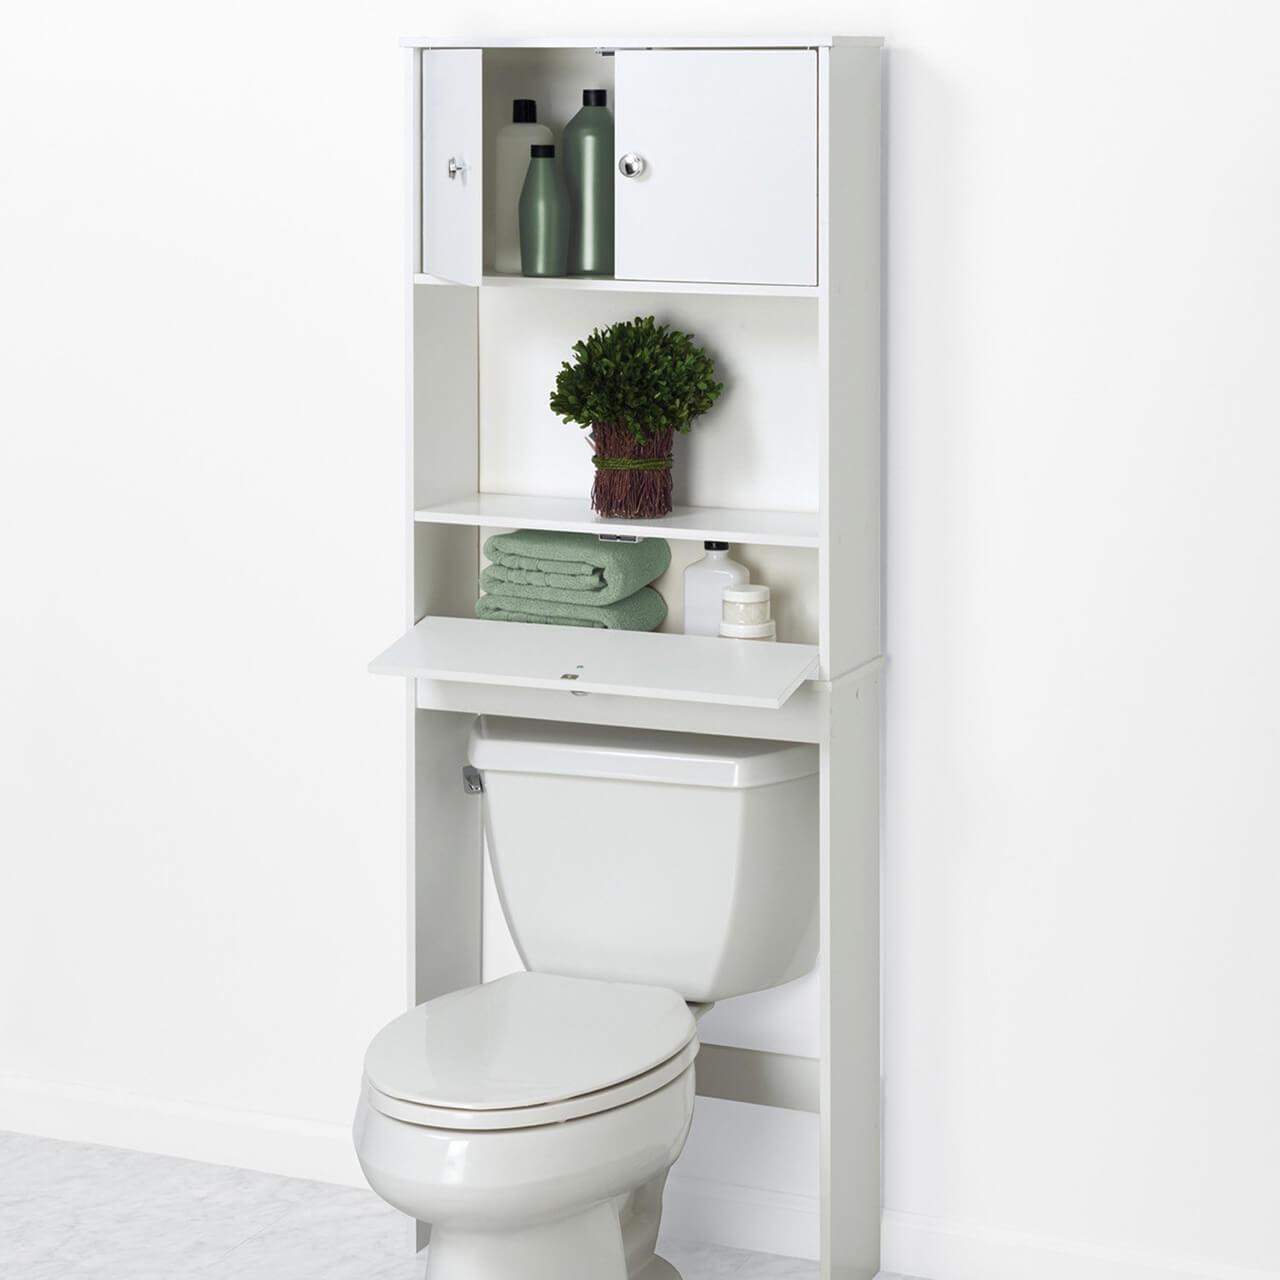 Zenna Home Drop Door Bathroom Spacesaver